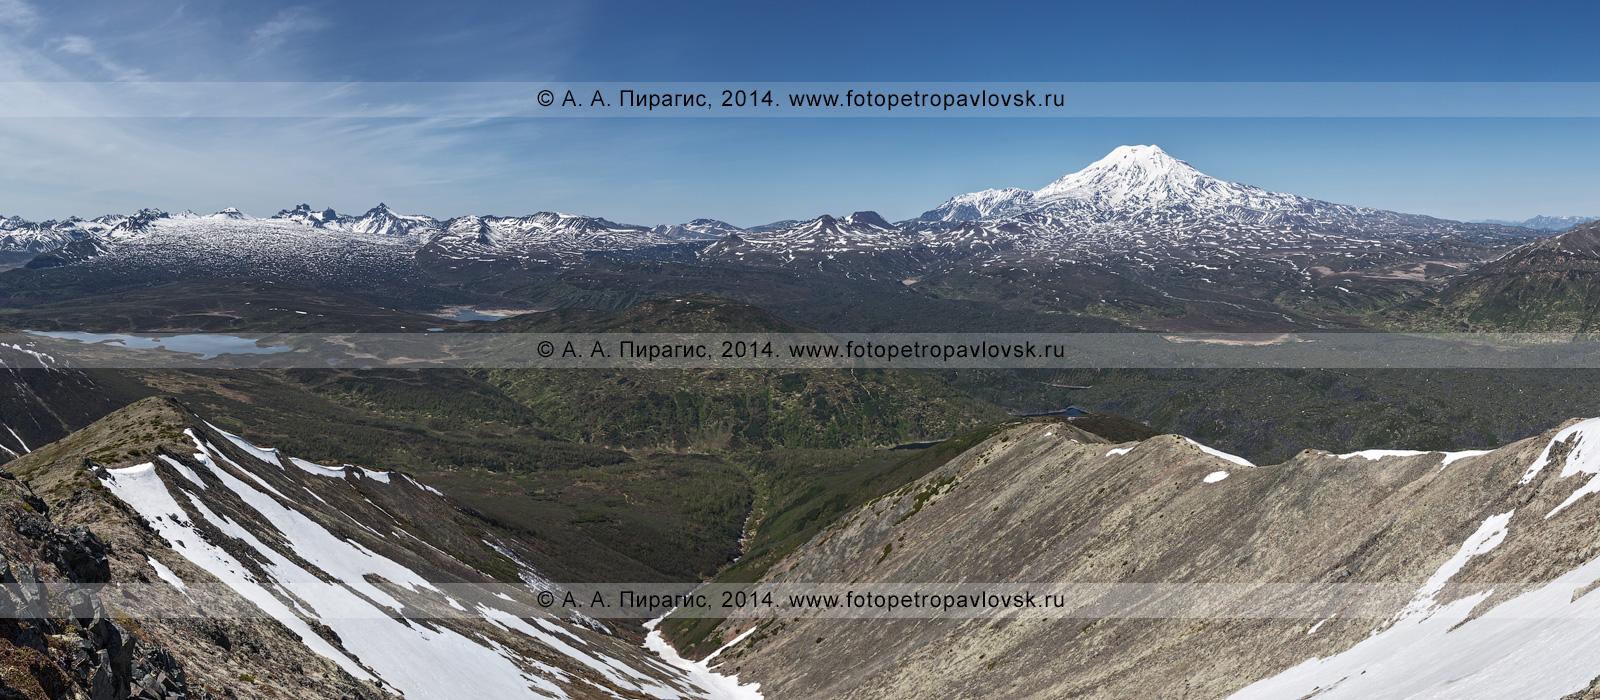 Фотография (панорама): Ичинский вулкан (Ichinsky Volcano), лавовые поля Южного Черпука и Северного Черпука, гора Баранья и гора Два Брата, озеро Тымкыгытгын, озеро Арбунат и озеро Ангре, с вершины горы Ангре. Камчатка, Срединный хребет, Ичинский вулканический район